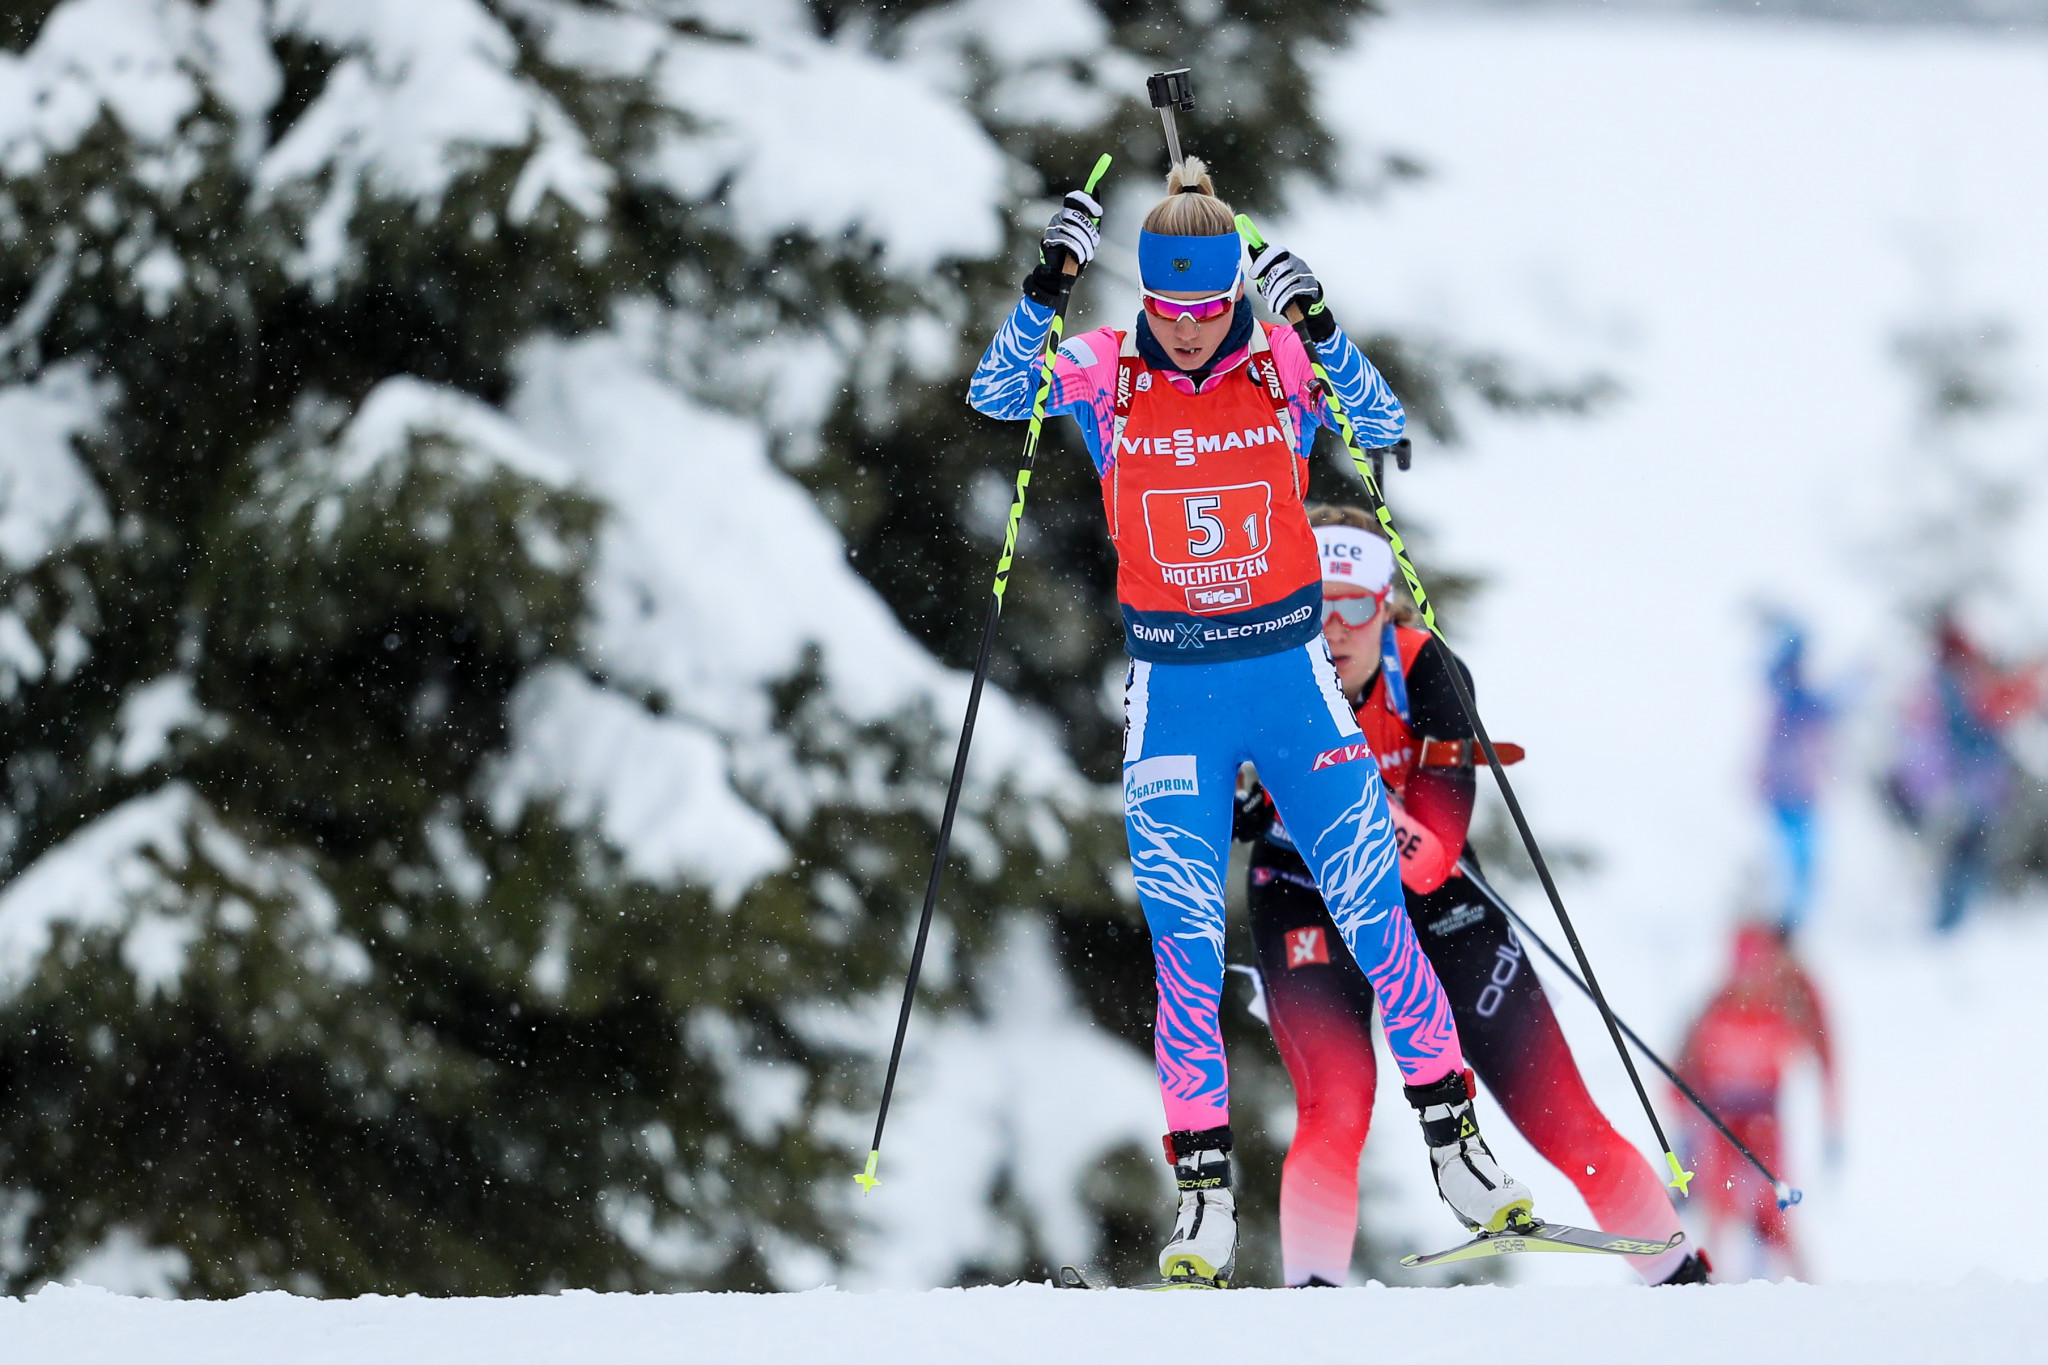 Russia's Reztsova to skip biathlon season due to pregnancy